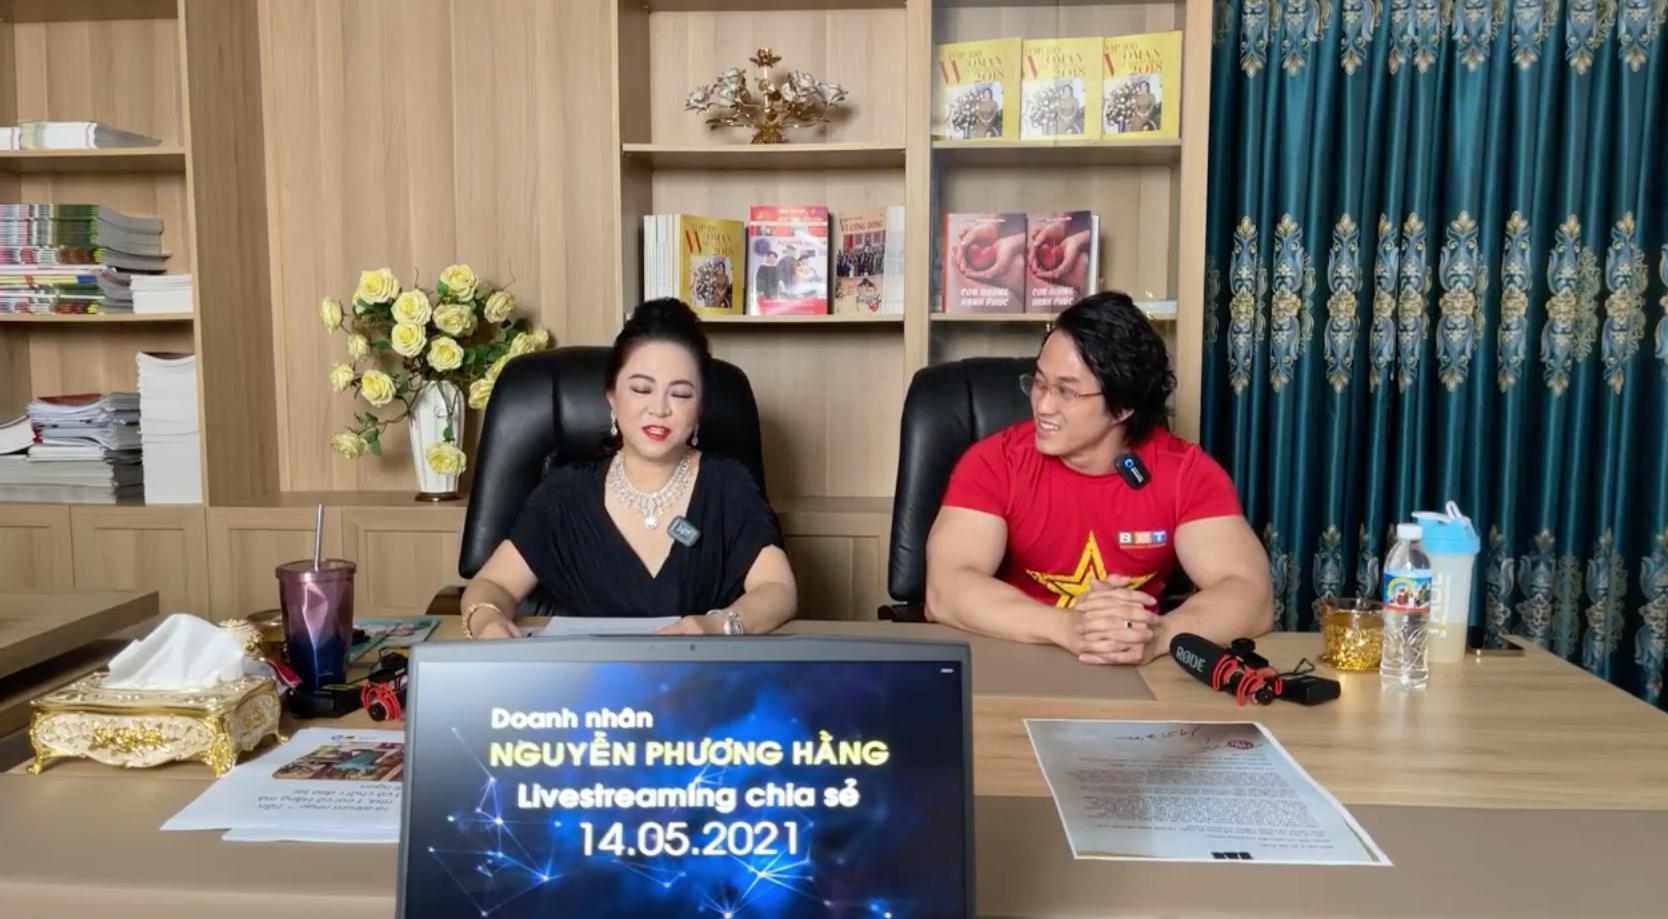 """Bà Phương Hằng đột nhiên bật khóc trên livestream, tiết lộ tỷ phú Hoàng Kiều - người yêu cũ Ngọc Trinh từng cho ông Yên rất nhiều tiền""""-4"""